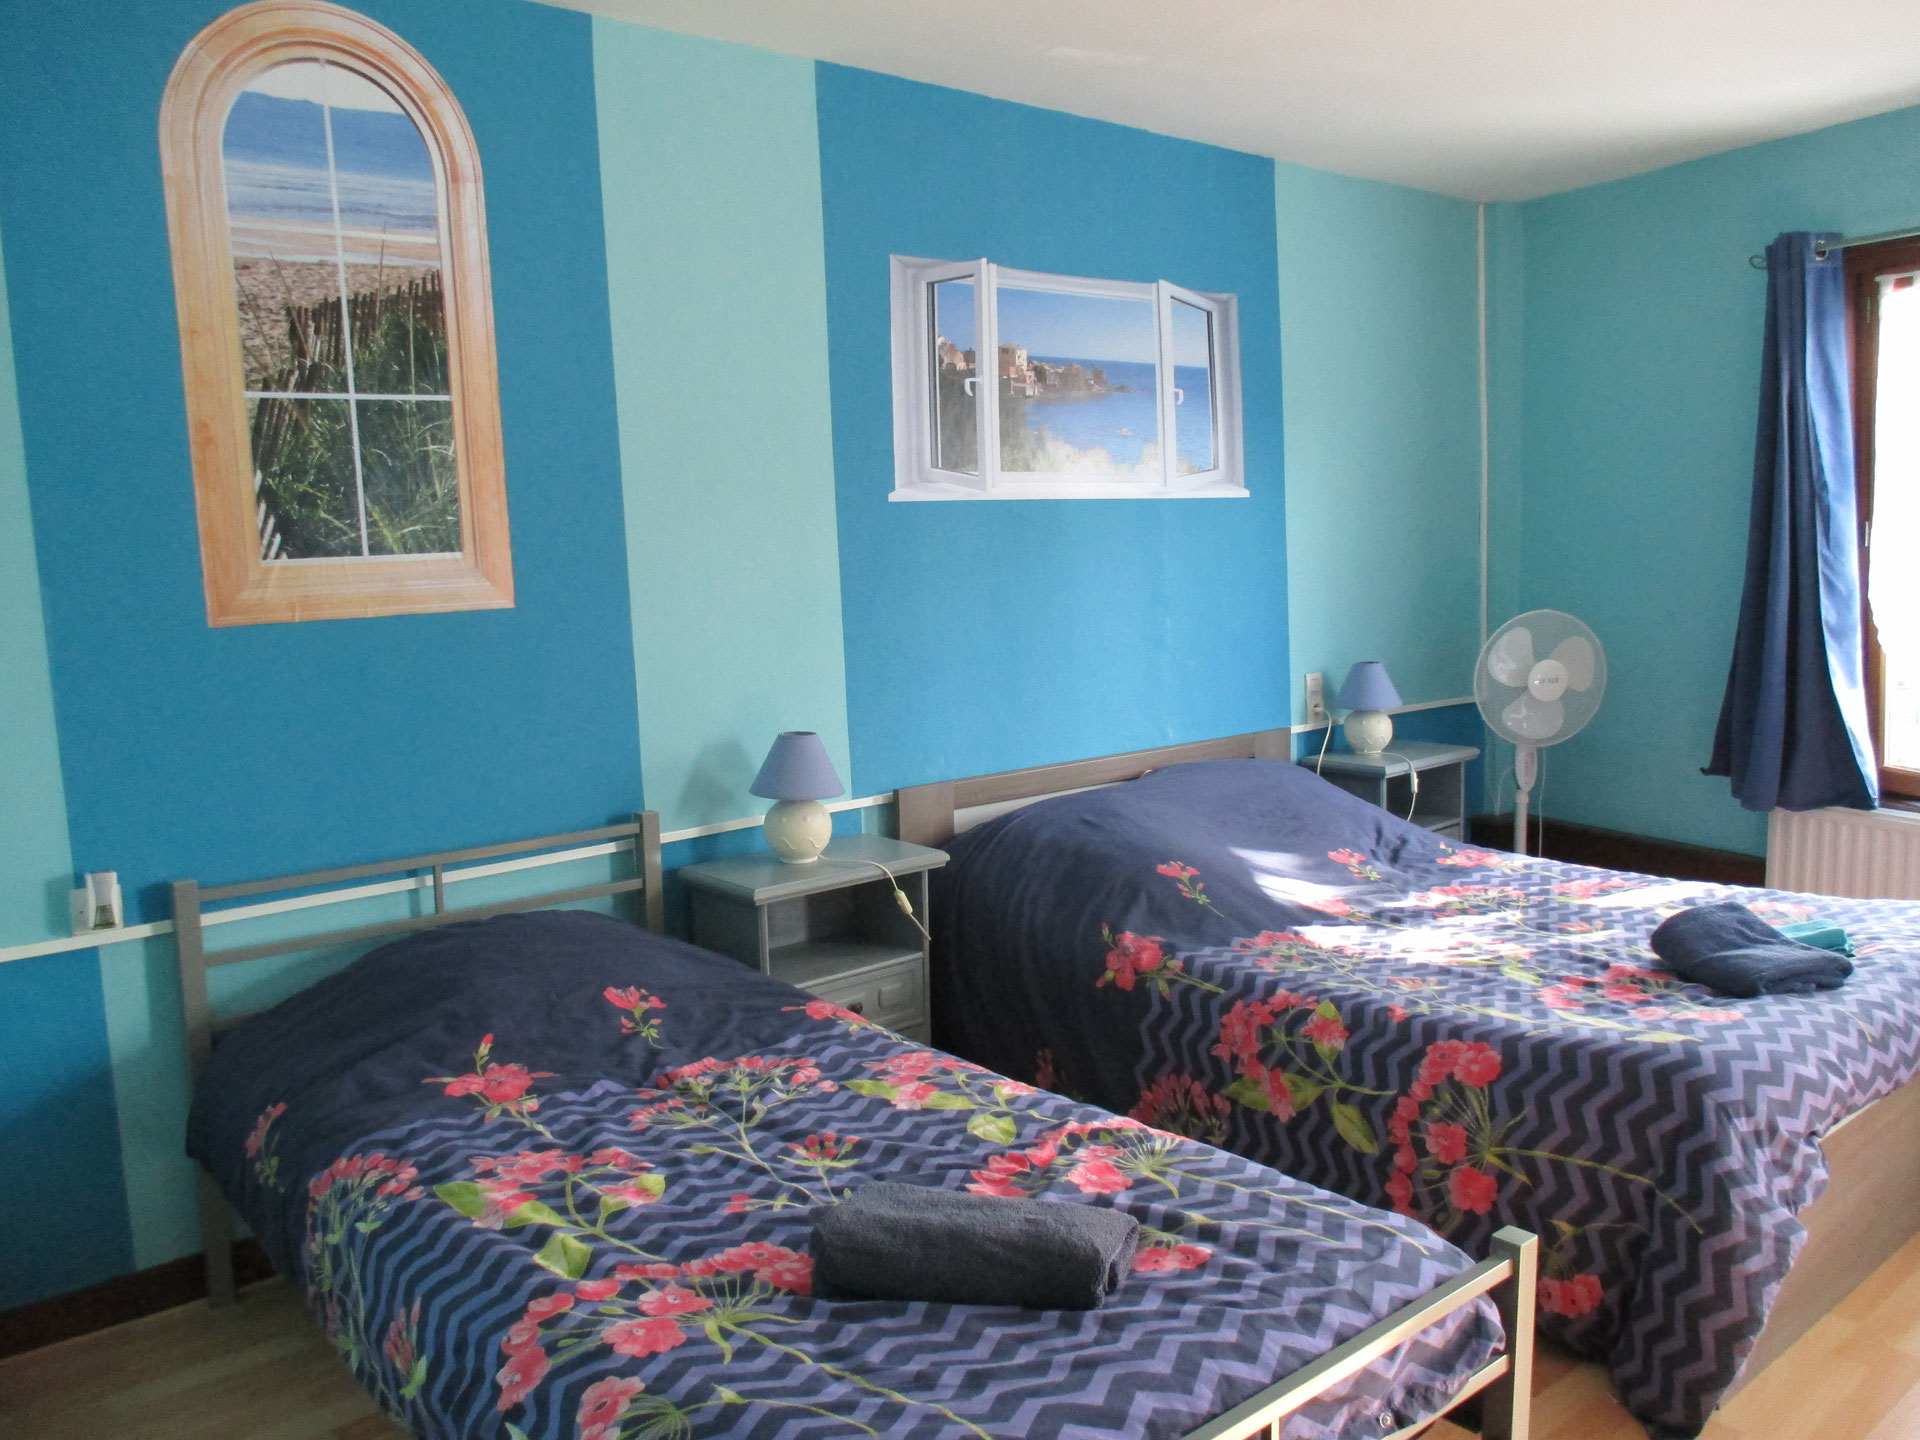 Chambre en famille location vacances baie de somme - Chambre d hotes en baie de somme ...